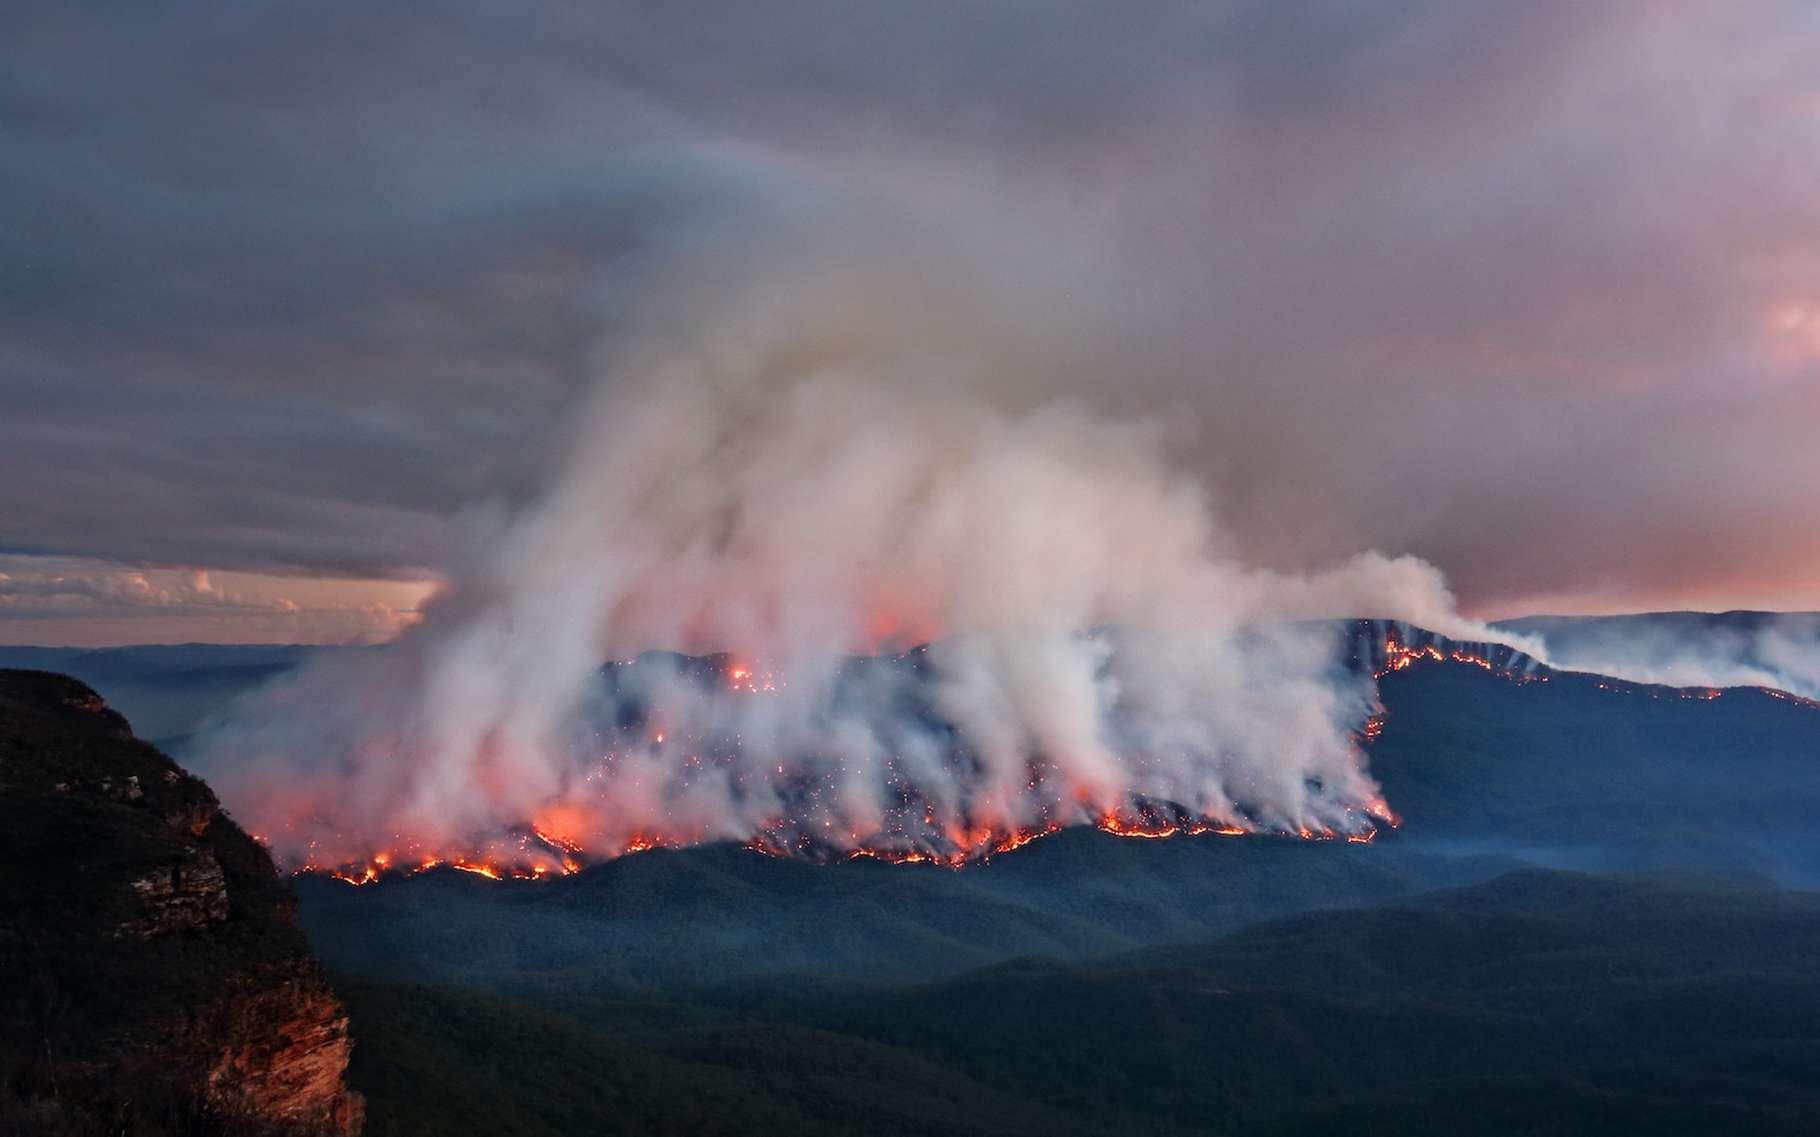 En Australie, les feux de brousse en déjà décimé quelque 10 millions d'hectares depuis le mois de septembre dernier. Et au fil des semaines, la liste des conséquences s'allonge inexorablement. © Leah-Anne Thompson, Adobe Stock